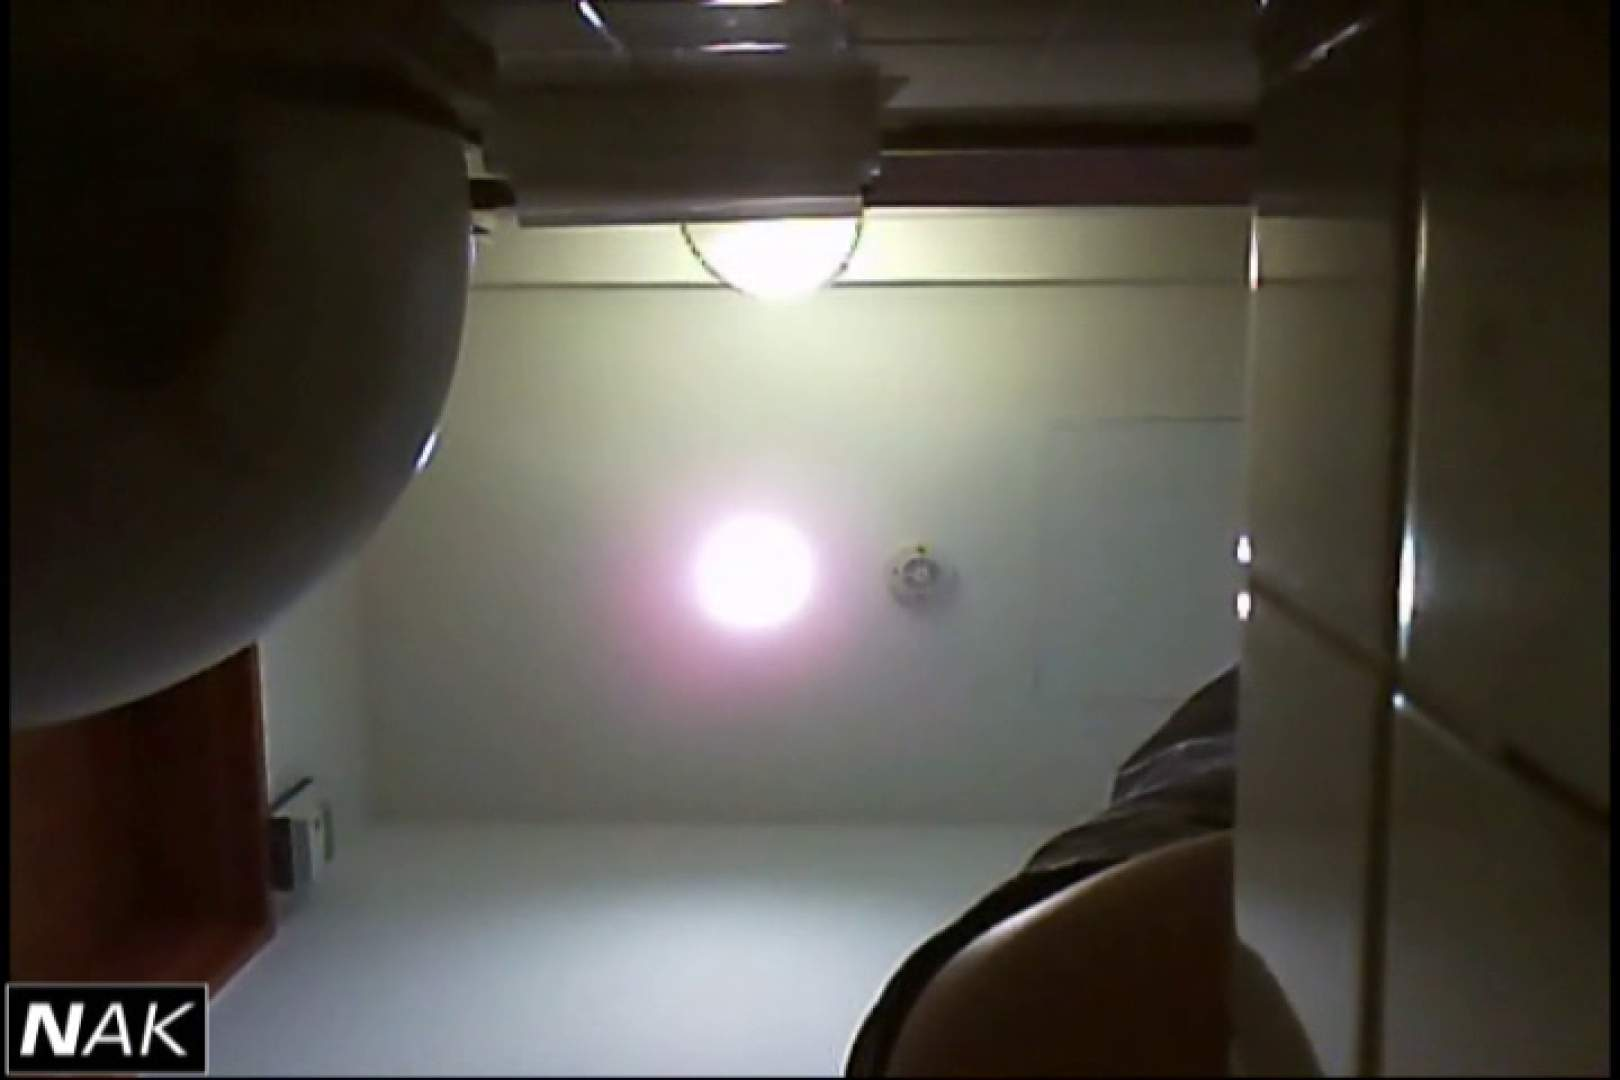 亀さんかわや VIP和式2カメバージョン! vol.14 0  74pic 24